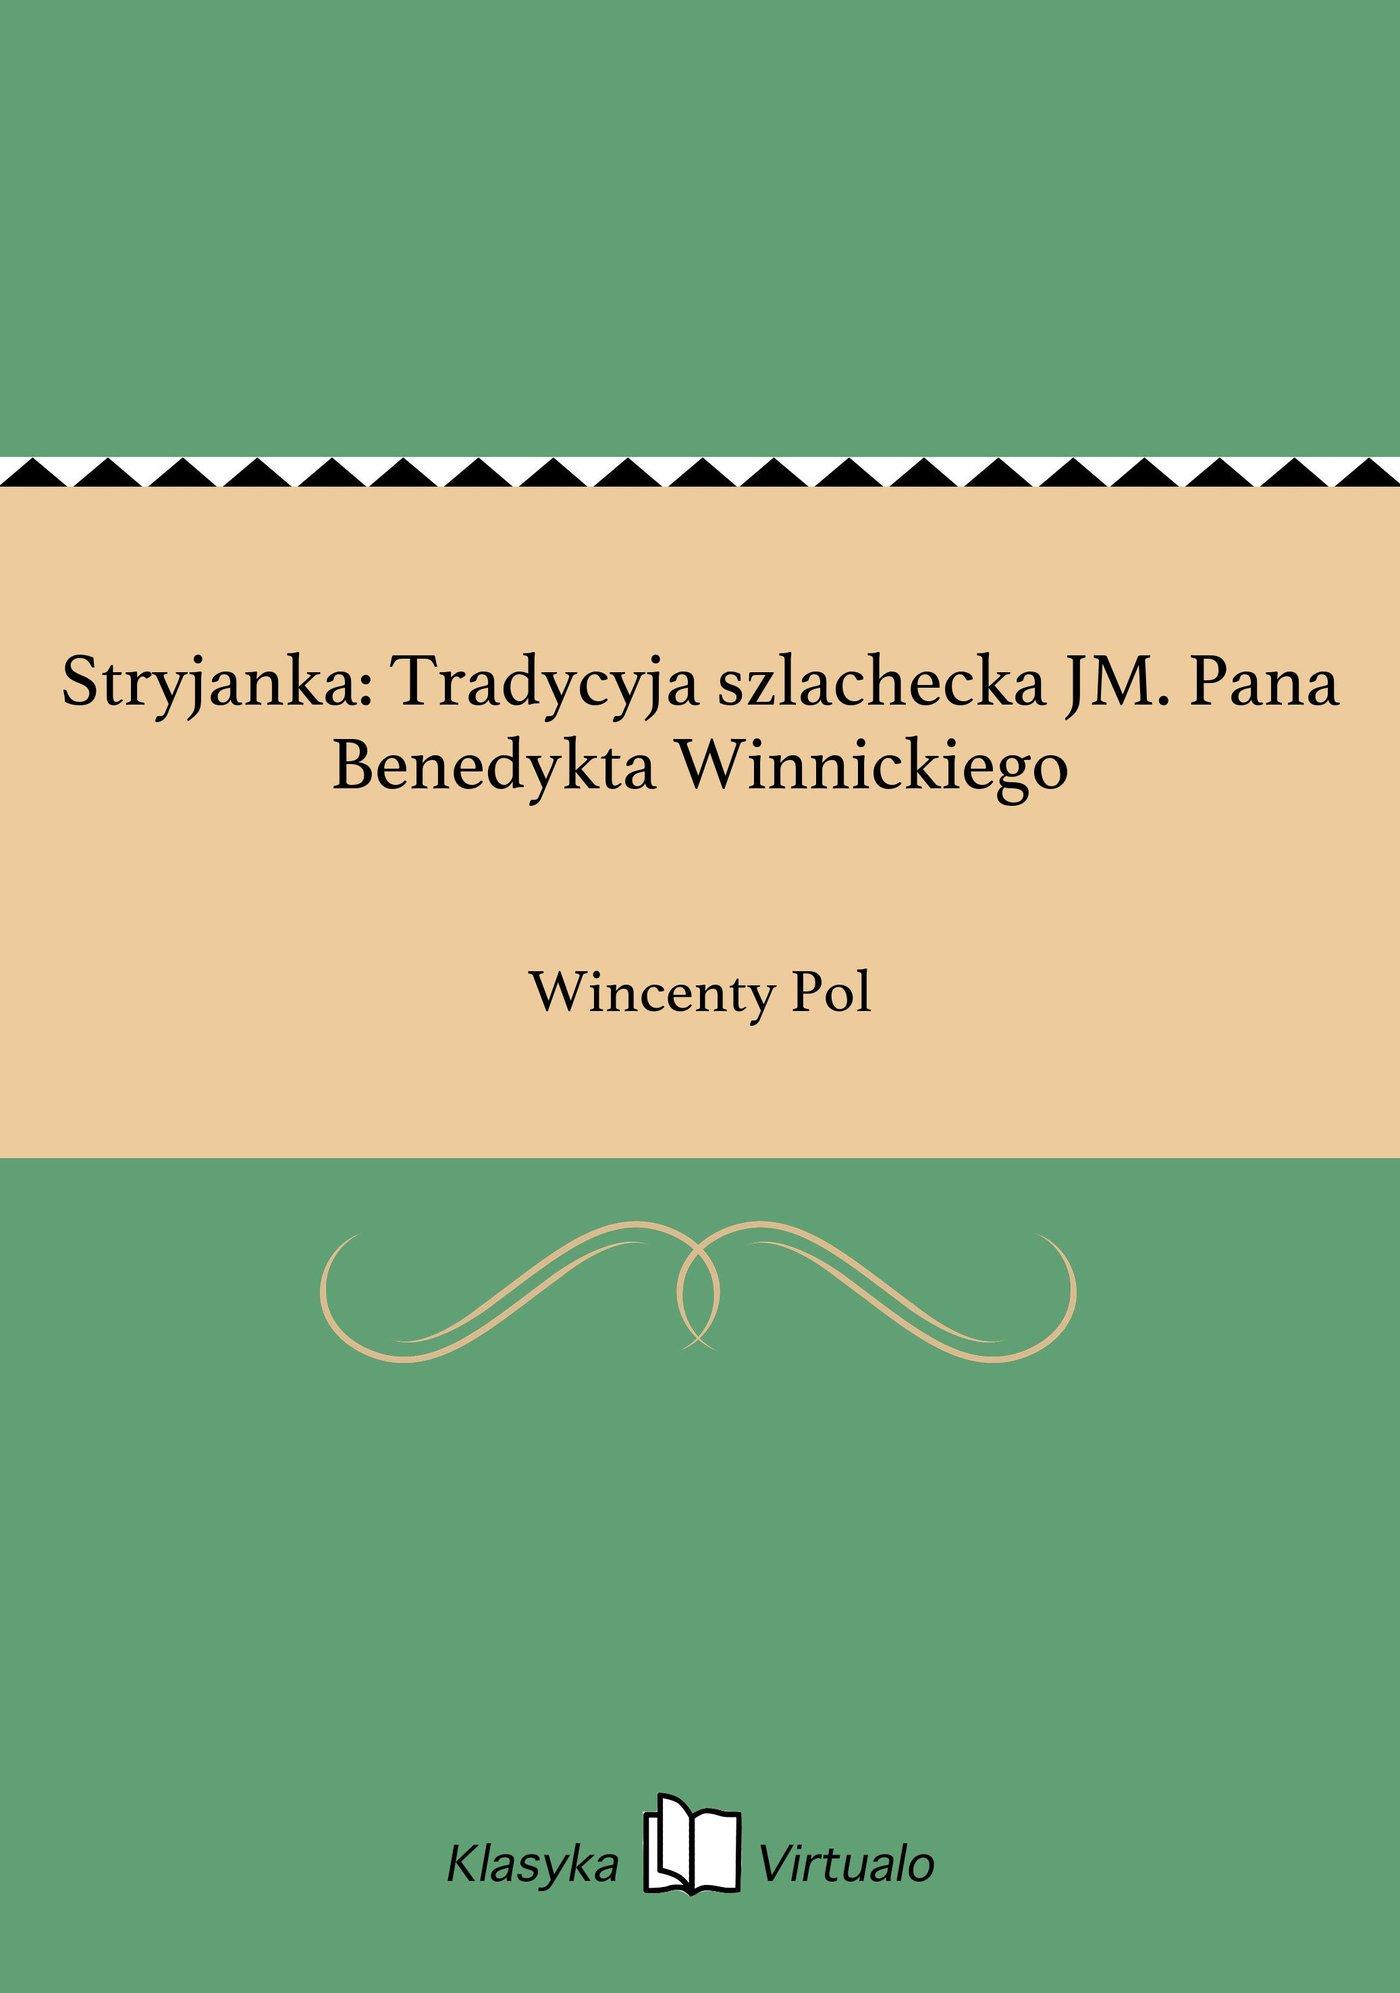 Stryjanka: Tradycyja szlachecka JM. Pana Benedykta Winnickiego - Ebook (Książka EPUB) do pobrania w formacie EPUB